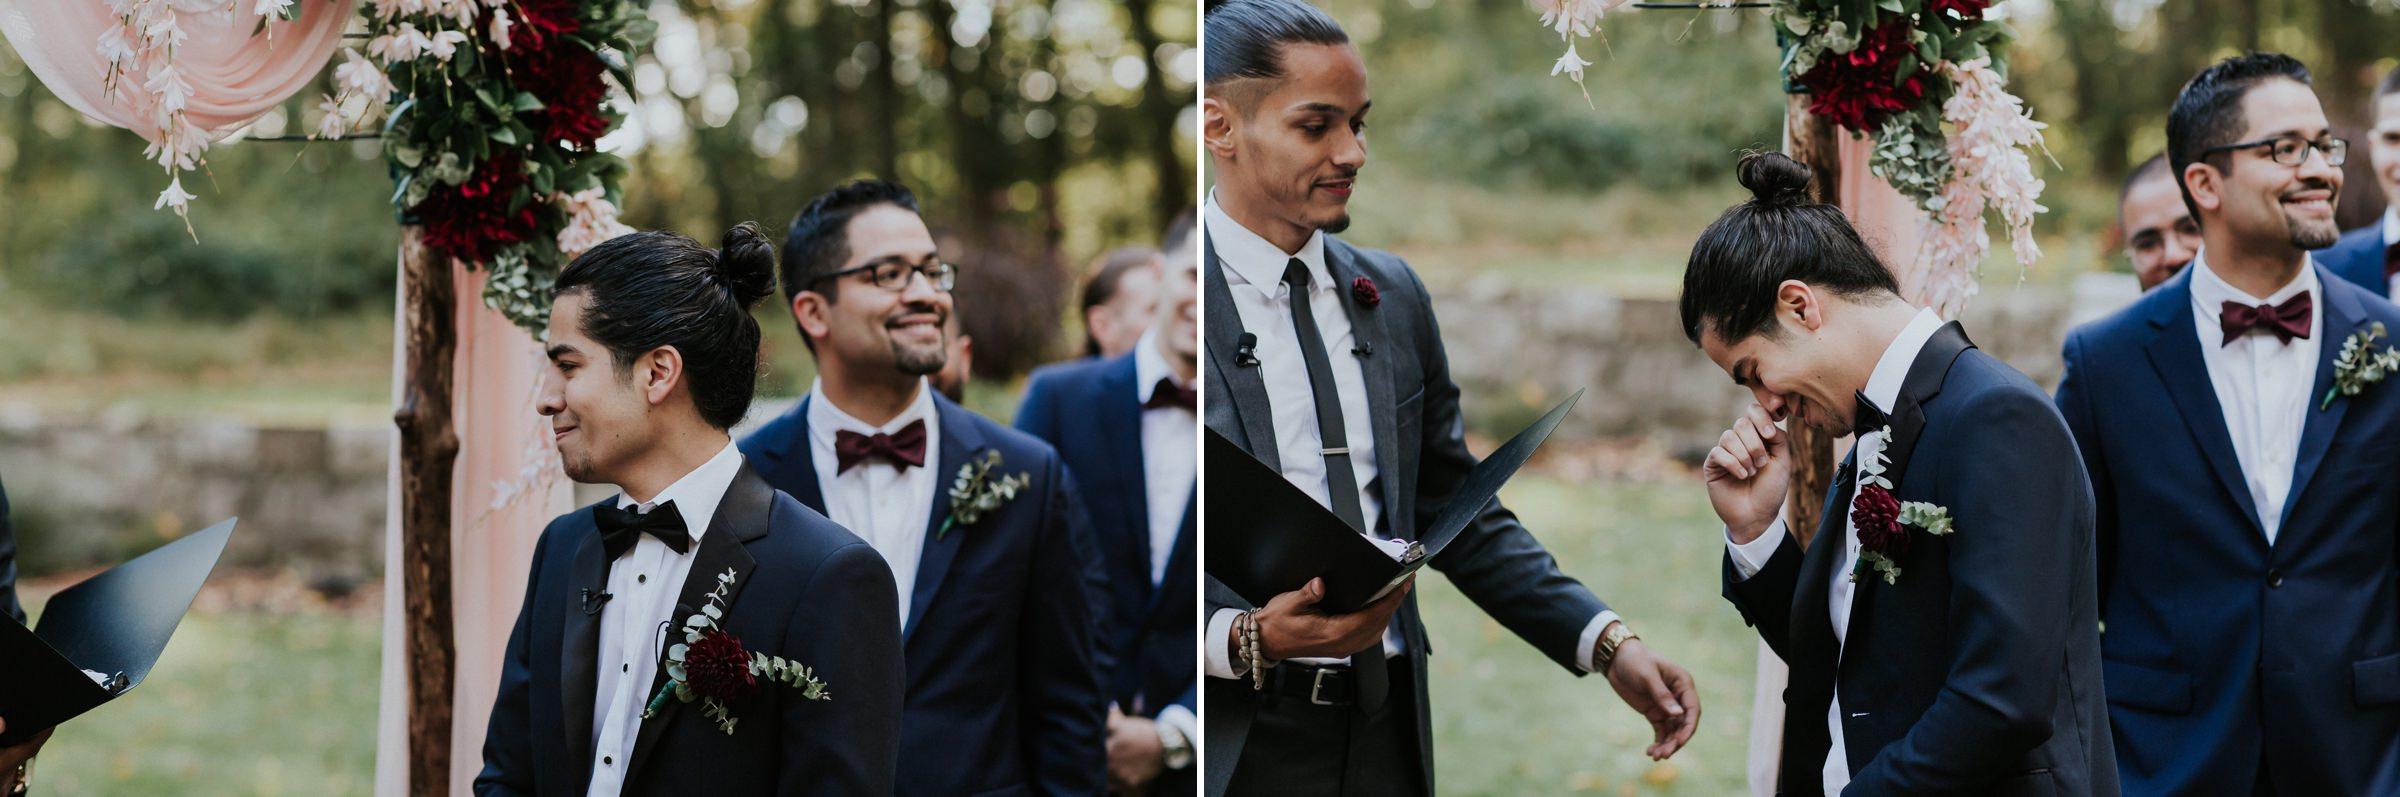 Arrow-Park-Monroe-NY-Documentary-Wedding-Photographer-120.jpg